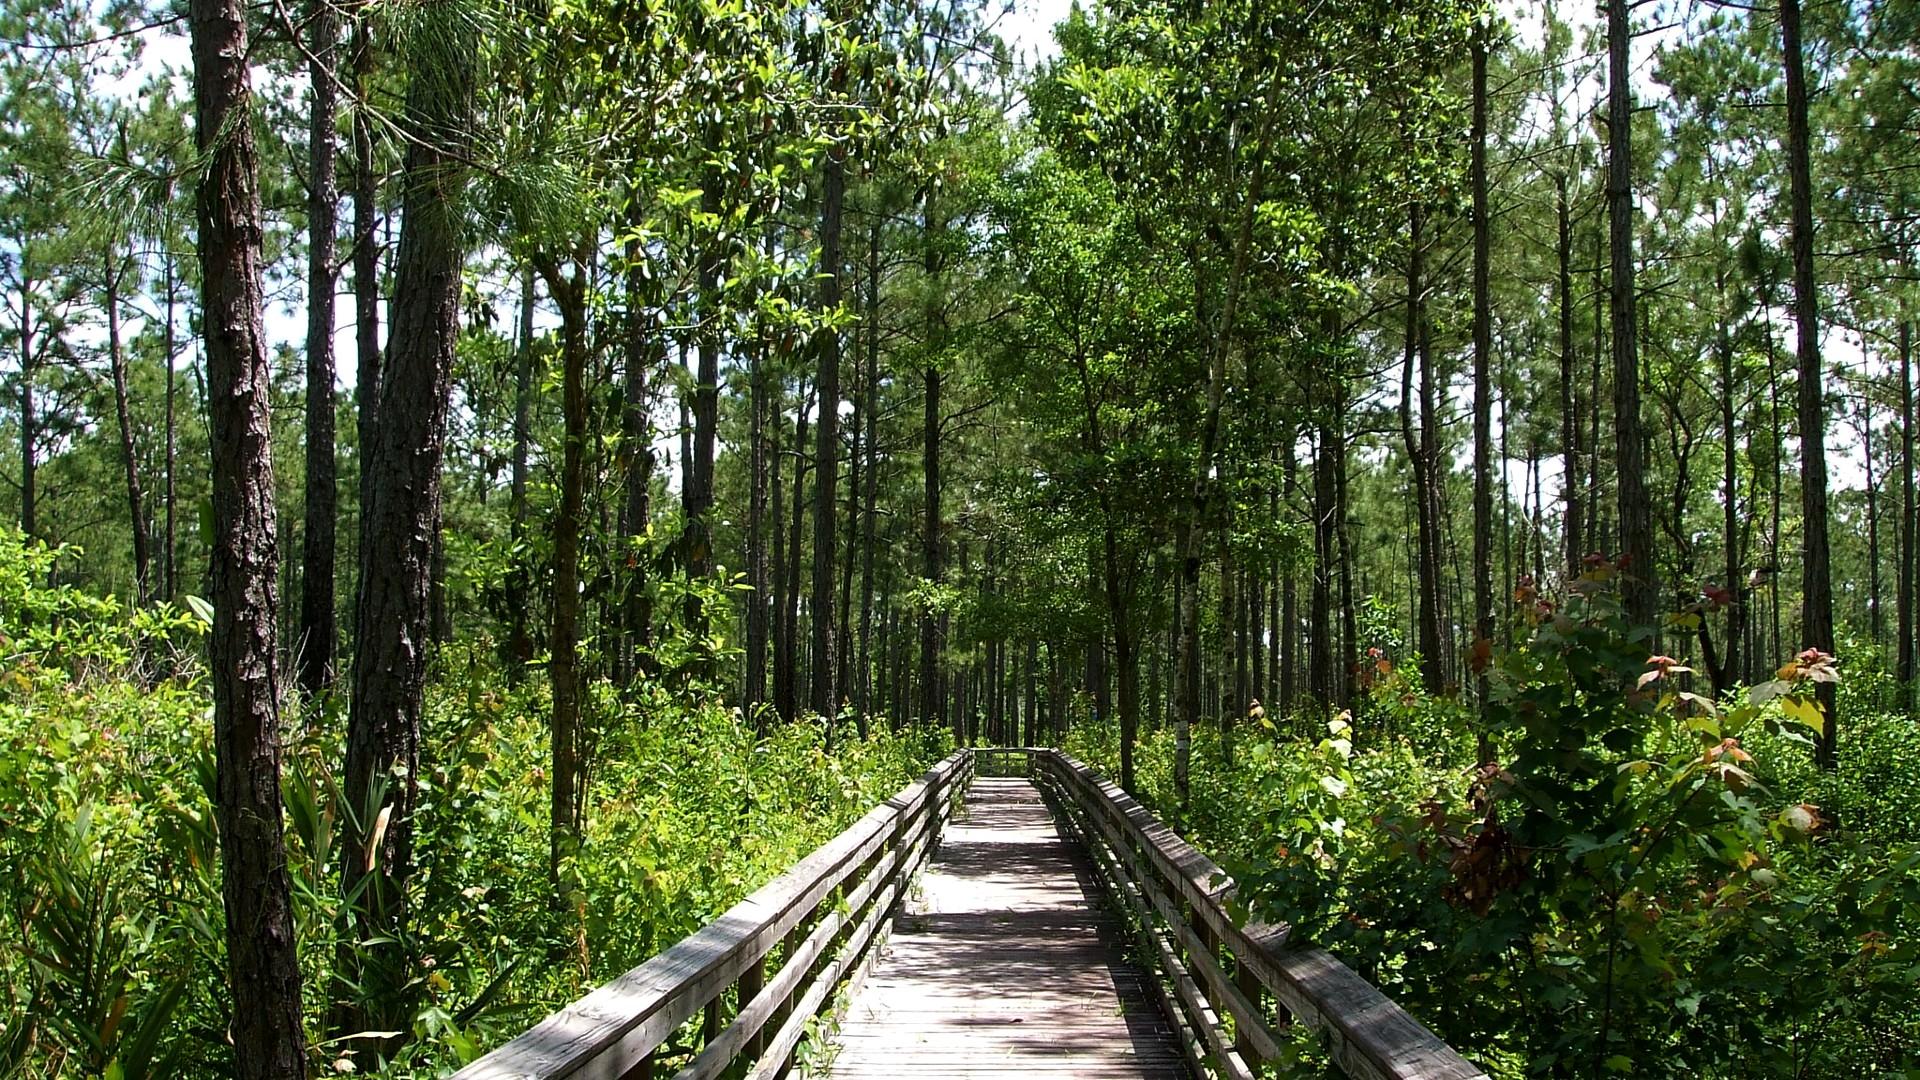 board walk through vegetation